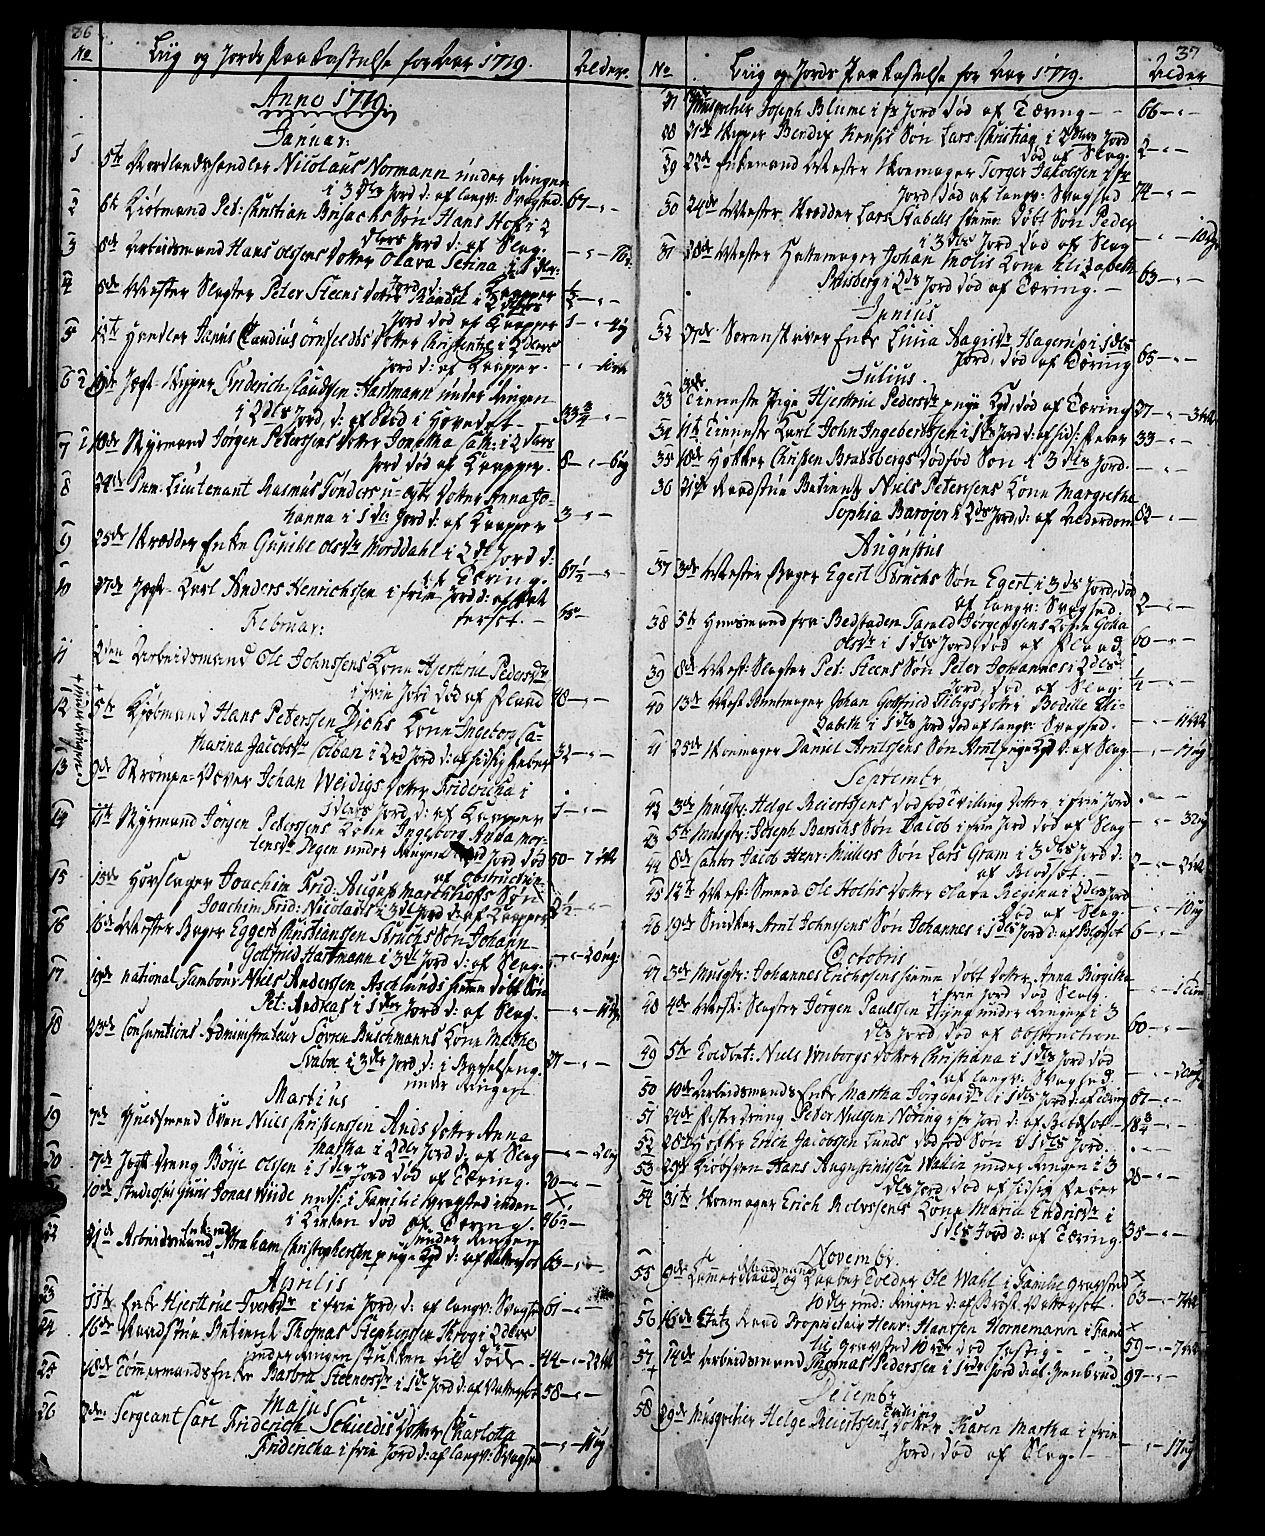 SAT, Ministerialprotokoller, klokkerbøker og fødselsregistre - Sør-Trøndelag, 602/L0134: Klokkerbok nr. 602C02, 1759-1812, s. 36-37